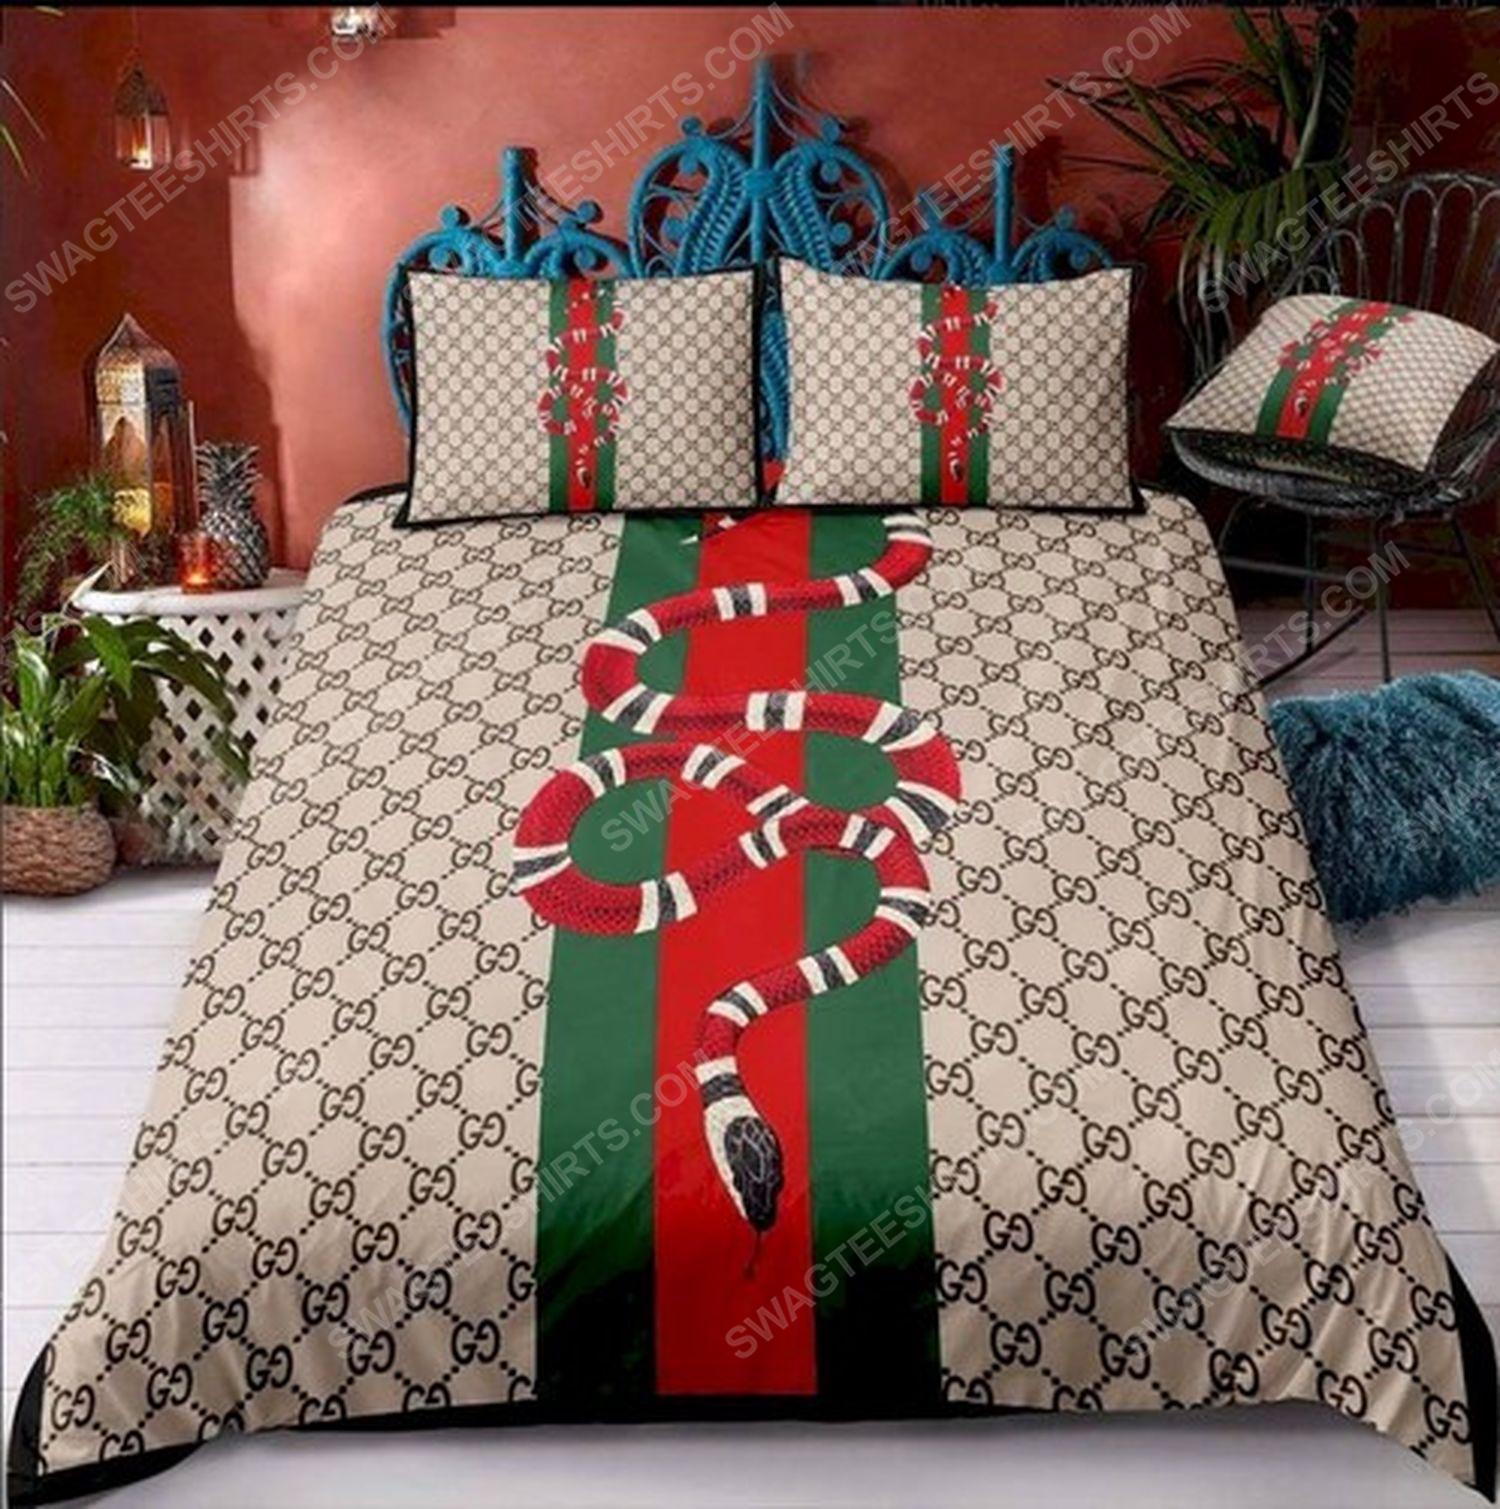 Gucci and snack symbols full print duvet cover bedding set 3 - Copy